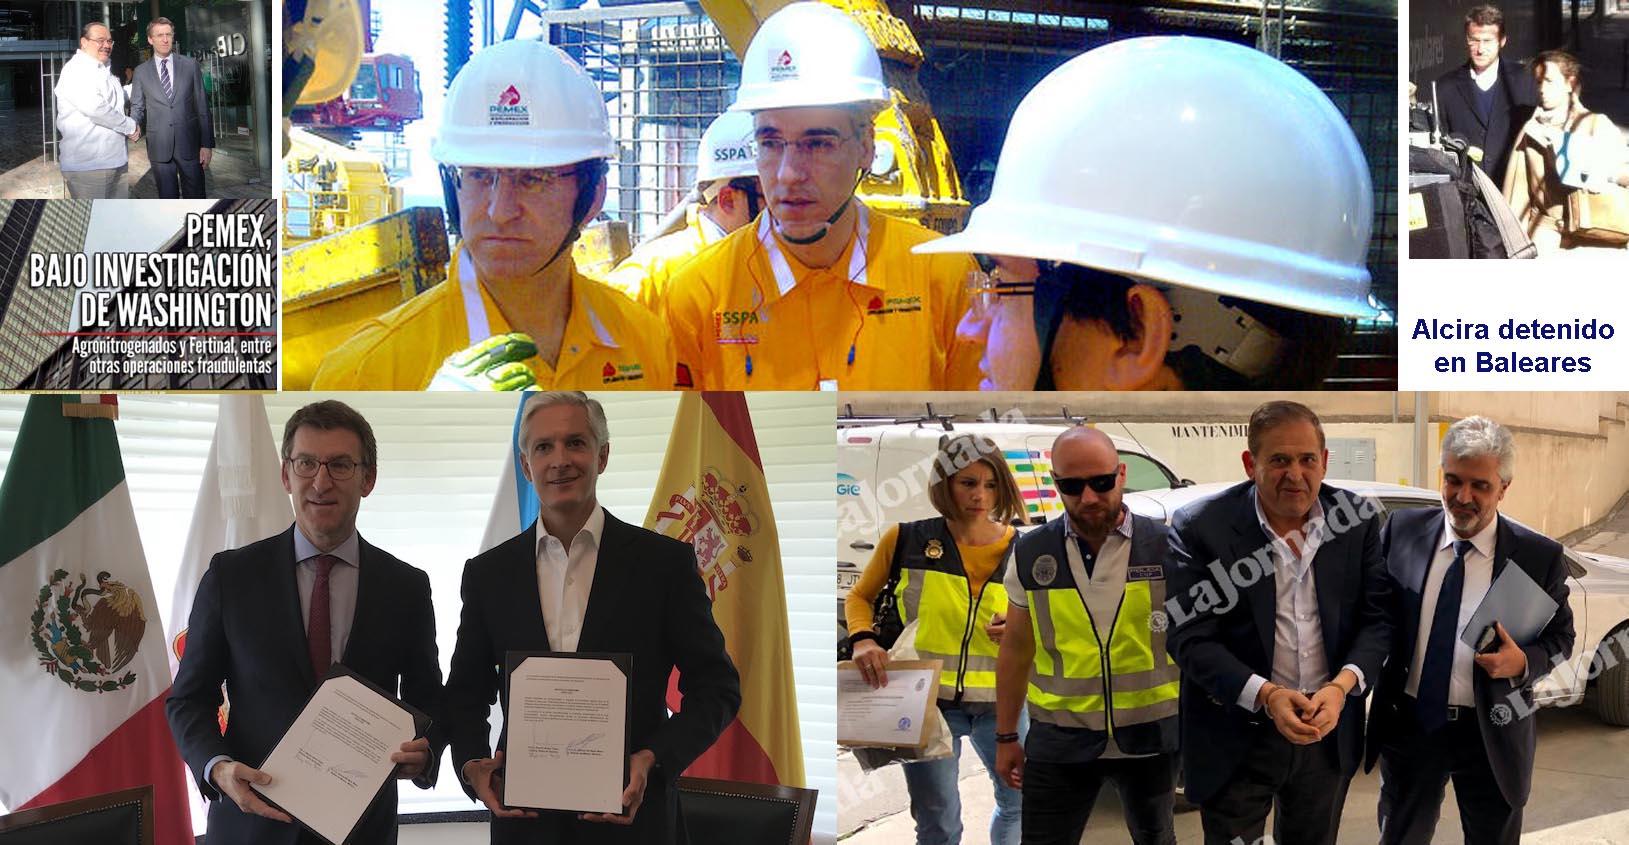 Mariano Rajoy, Feijóo y Pemex metieron de lleno a Barreras en el ...